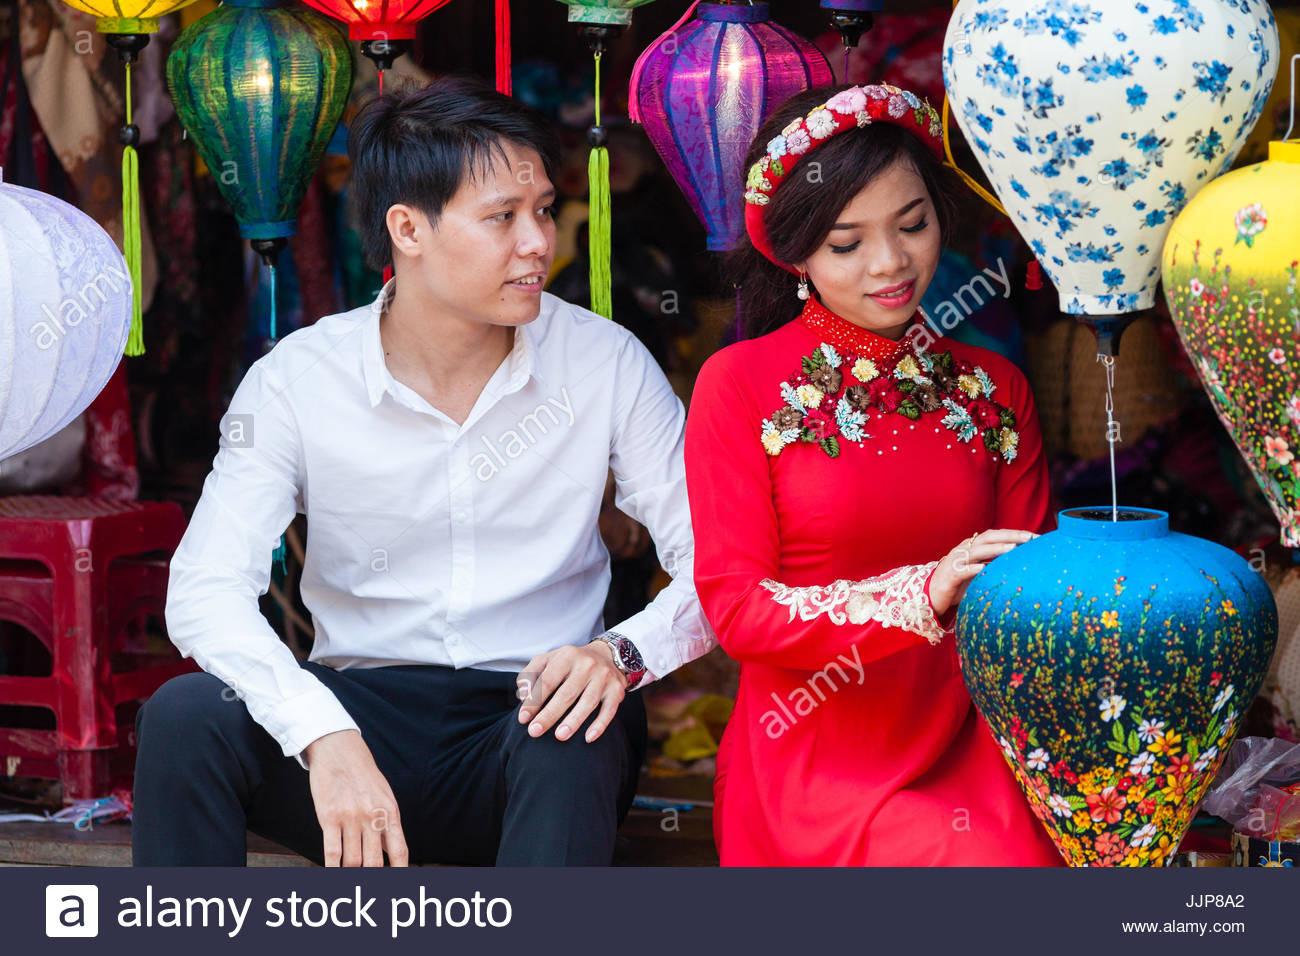 Vietnamesisches Hochzeitskleid Stockfotos & Vietnamesisches